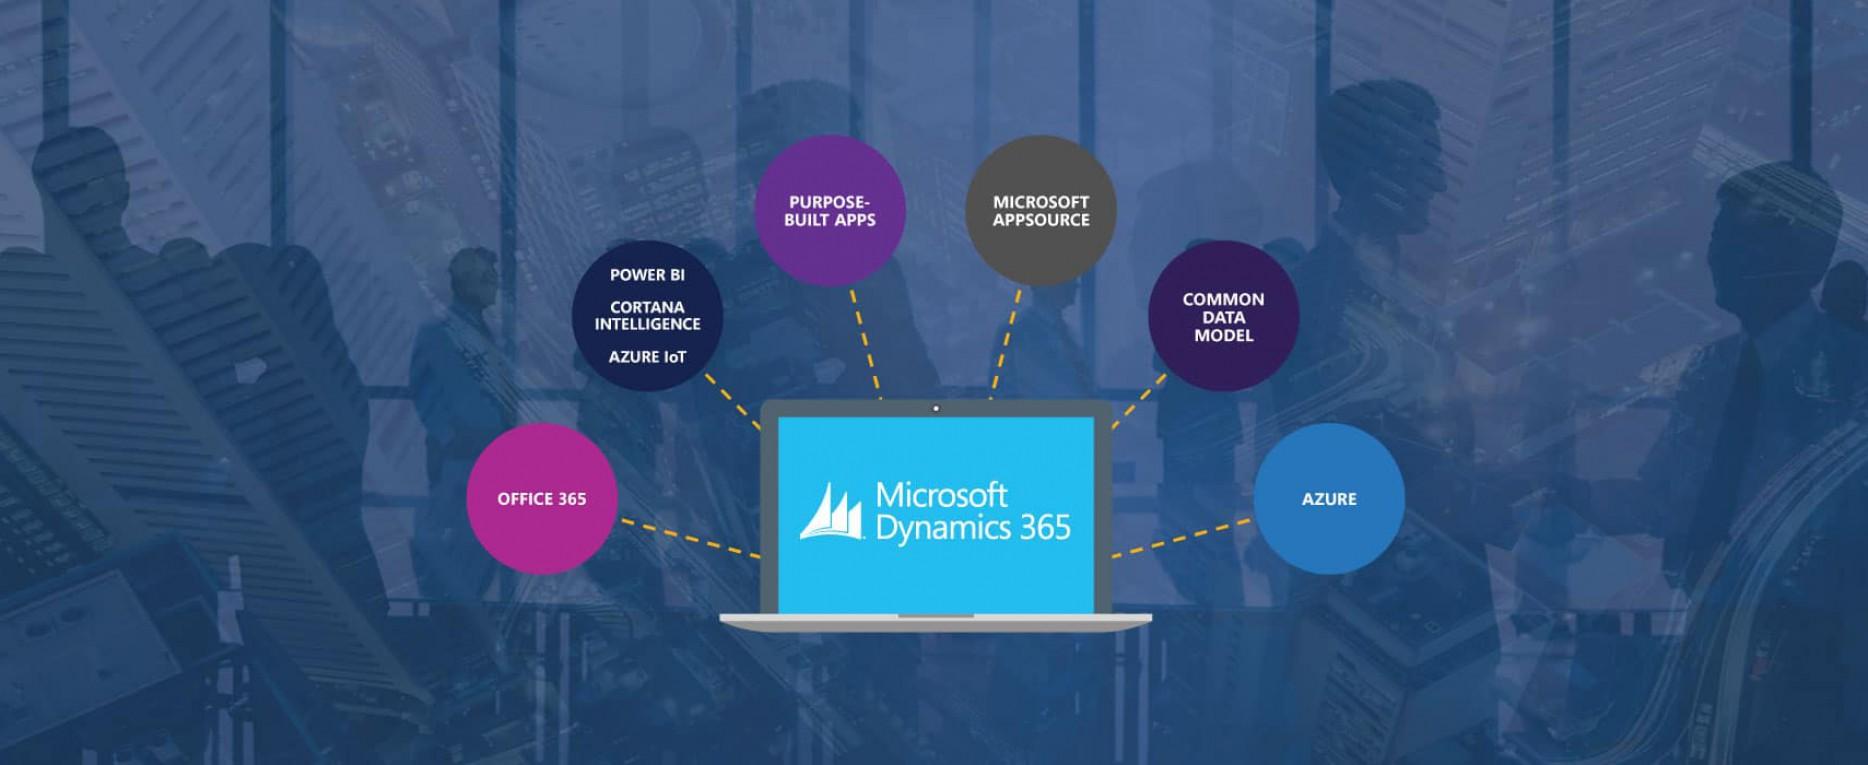 Co to jest Microsoft Dynamics 365?